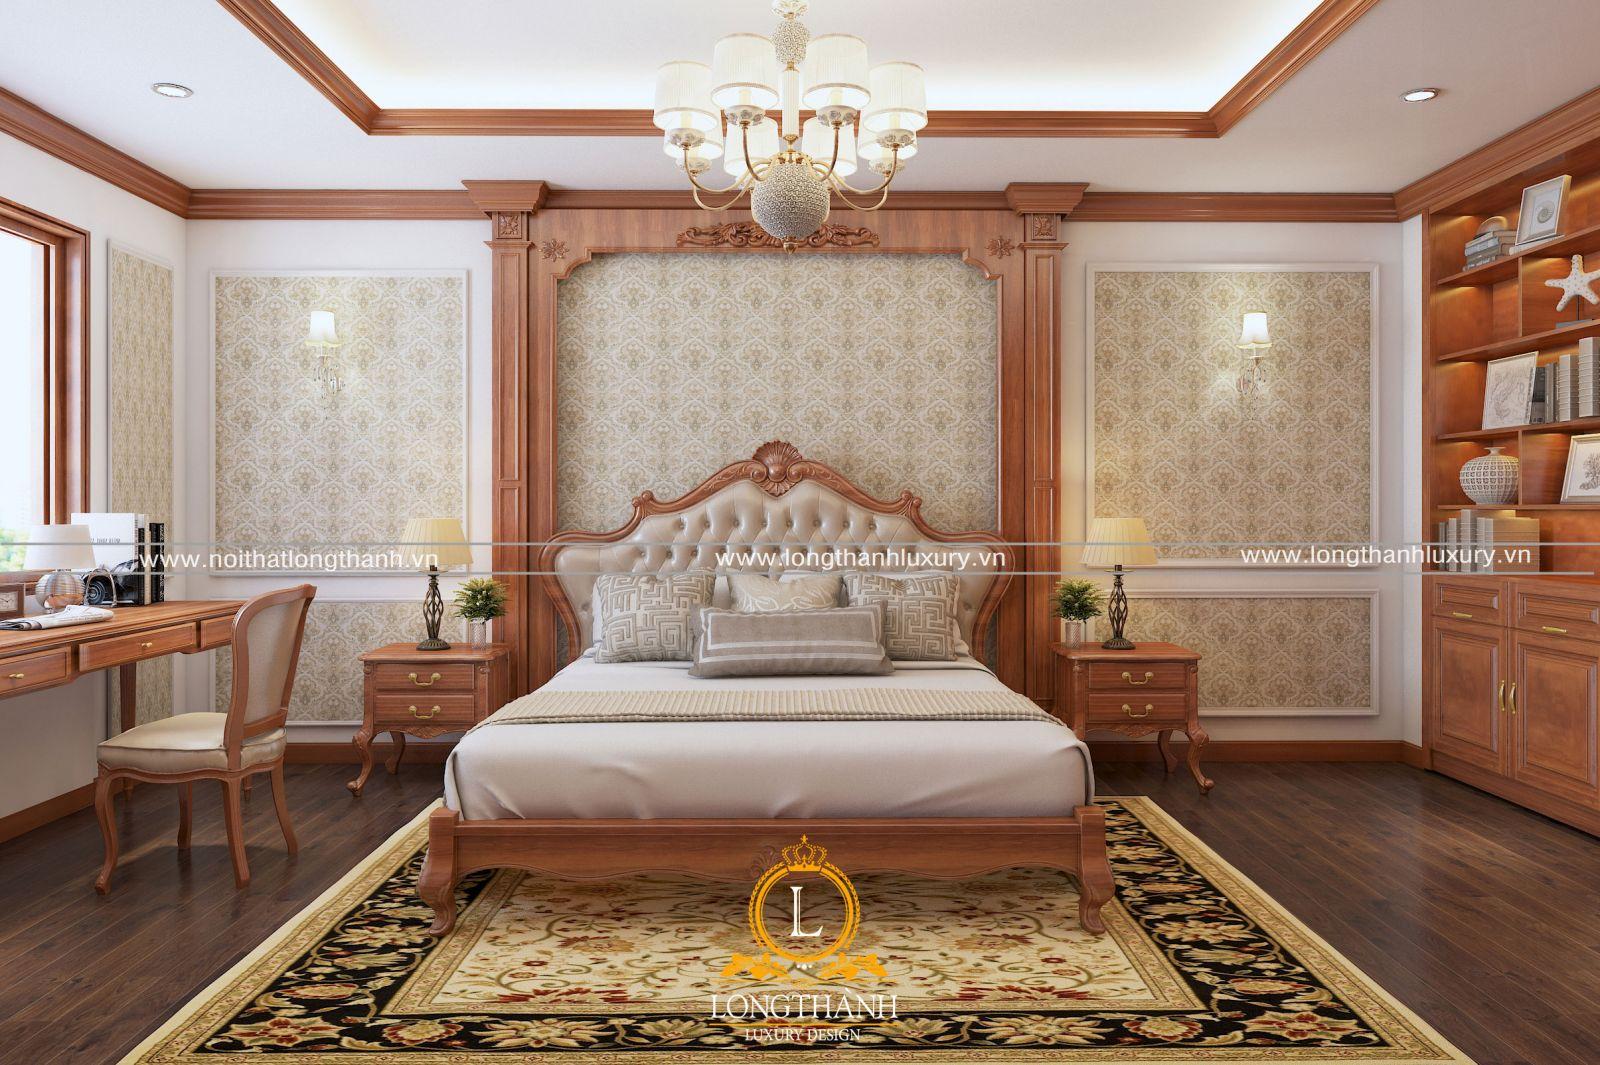 màu sắc trong thiết kế nội thất phòng ngủ master